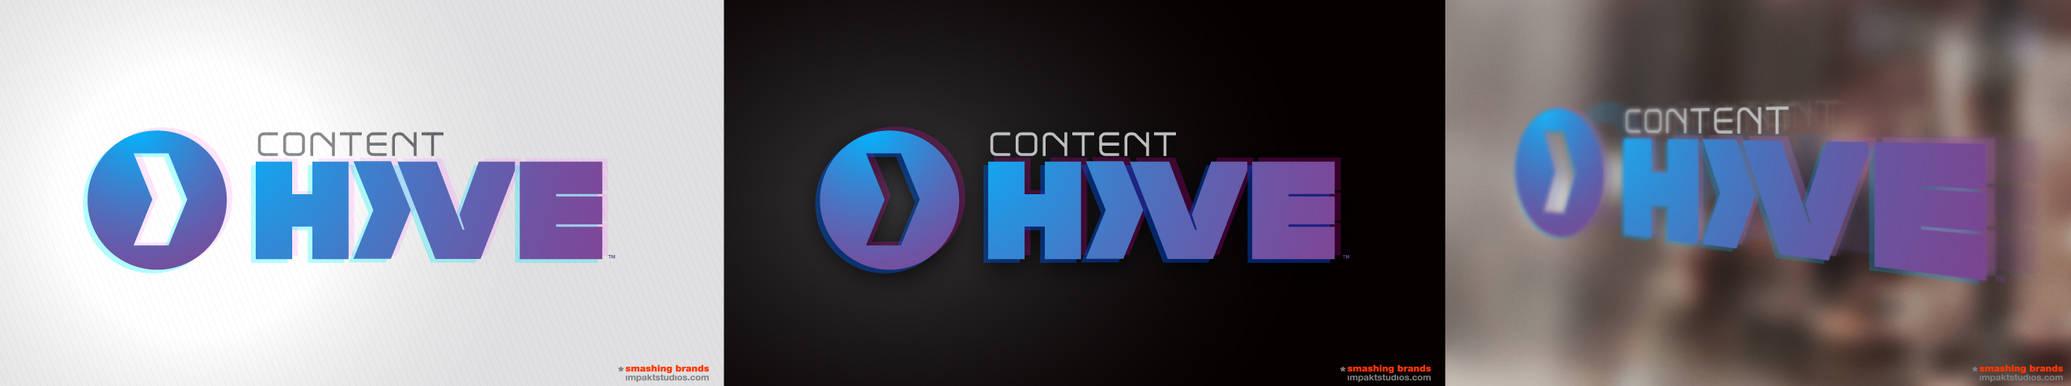 Content Hive Concept 2